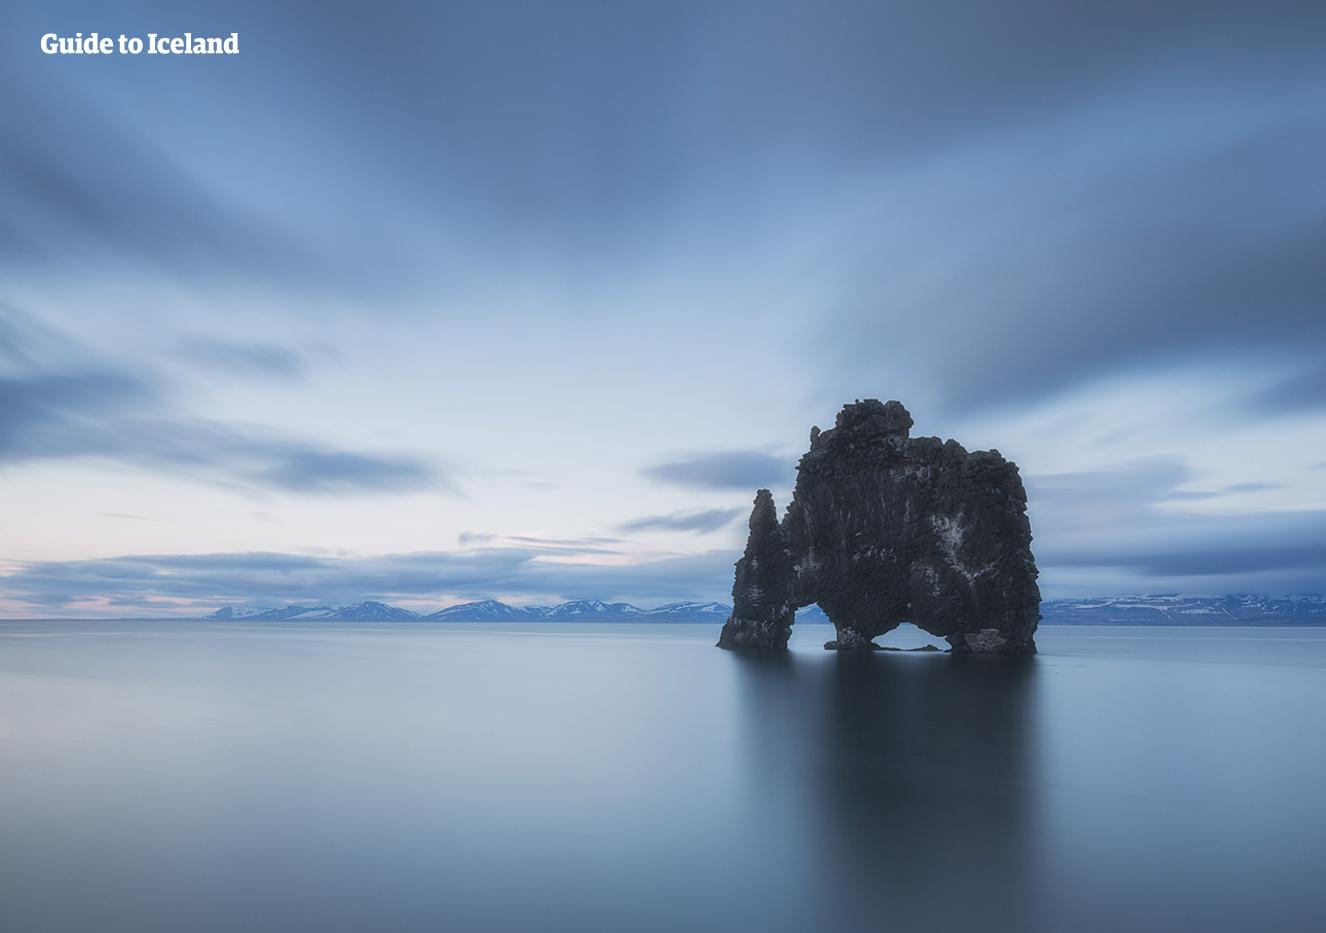 造型独特的犀牛石Hvítserkur矗立于冰岛的北部海中央,有人认为它也像一只大象或者龙